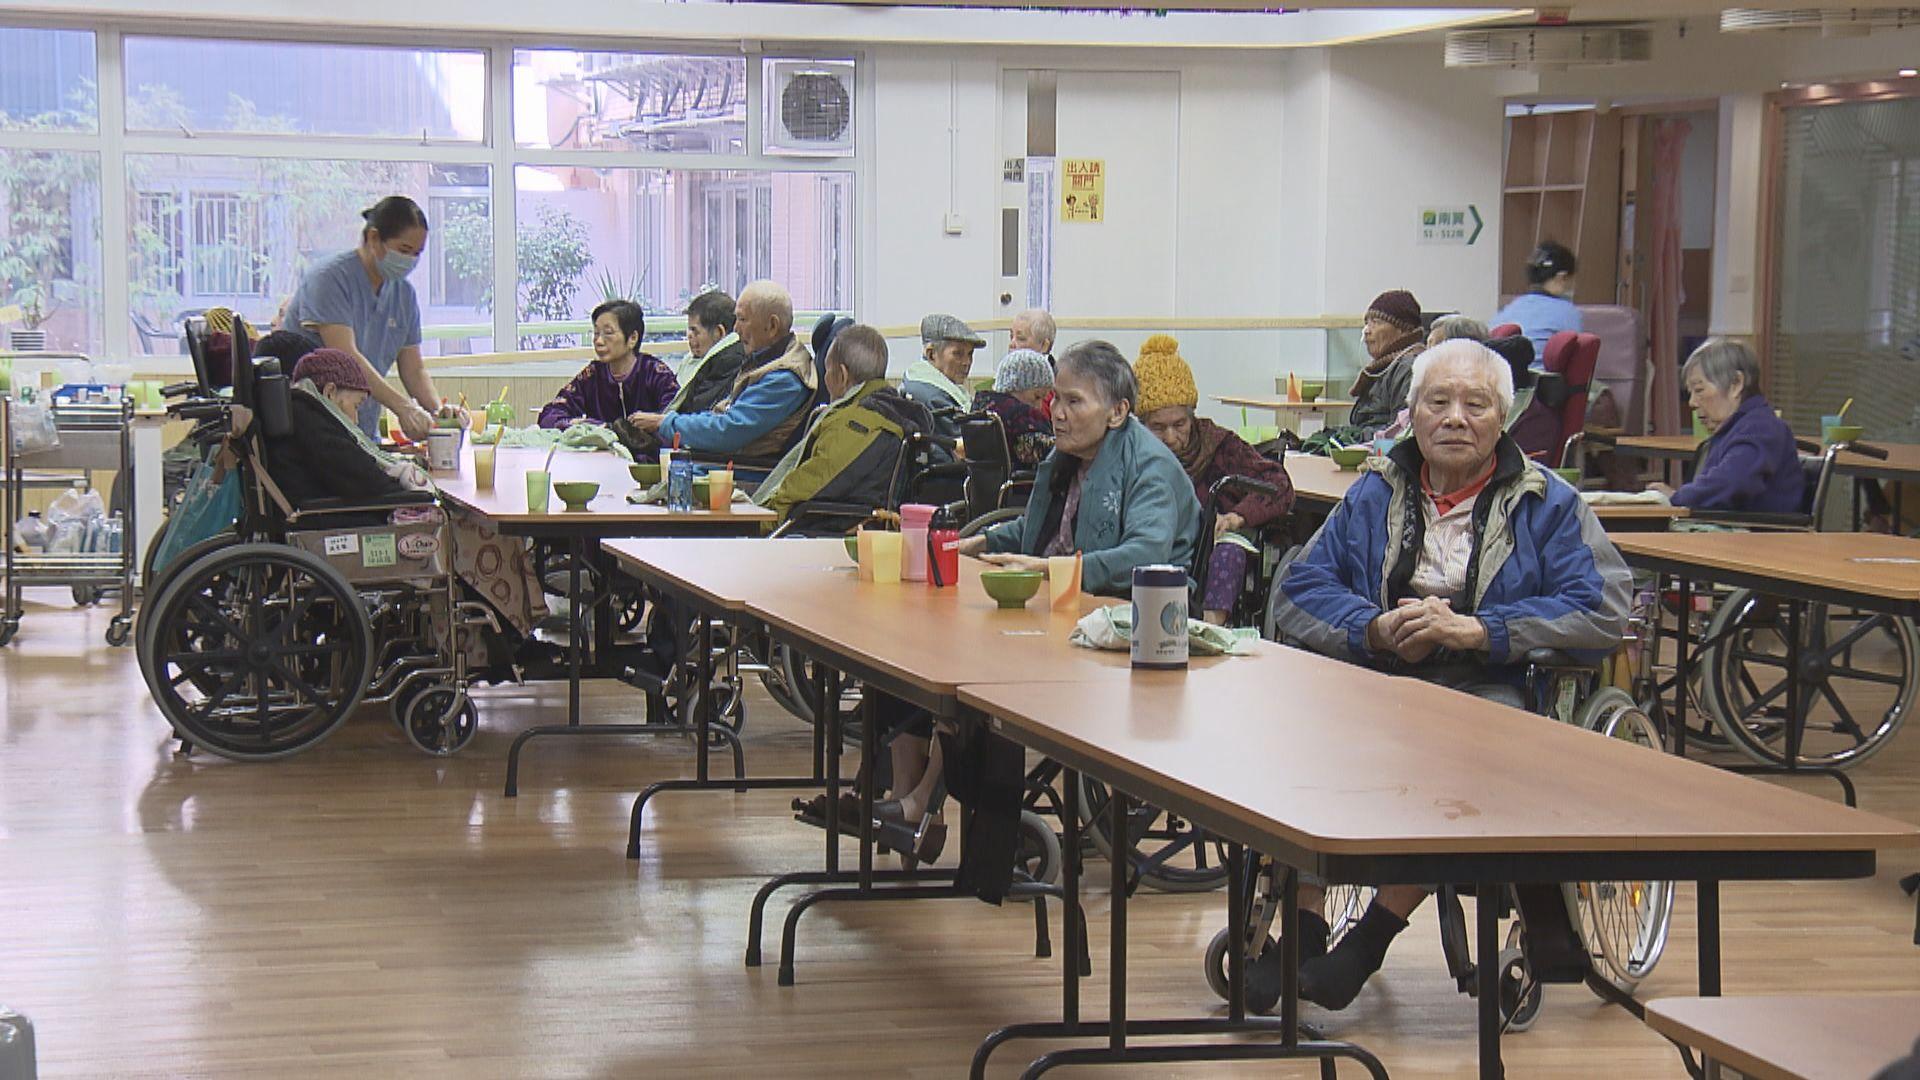 羅致光:安老院等前線照顧員薪酬增加但空缺率仍上升